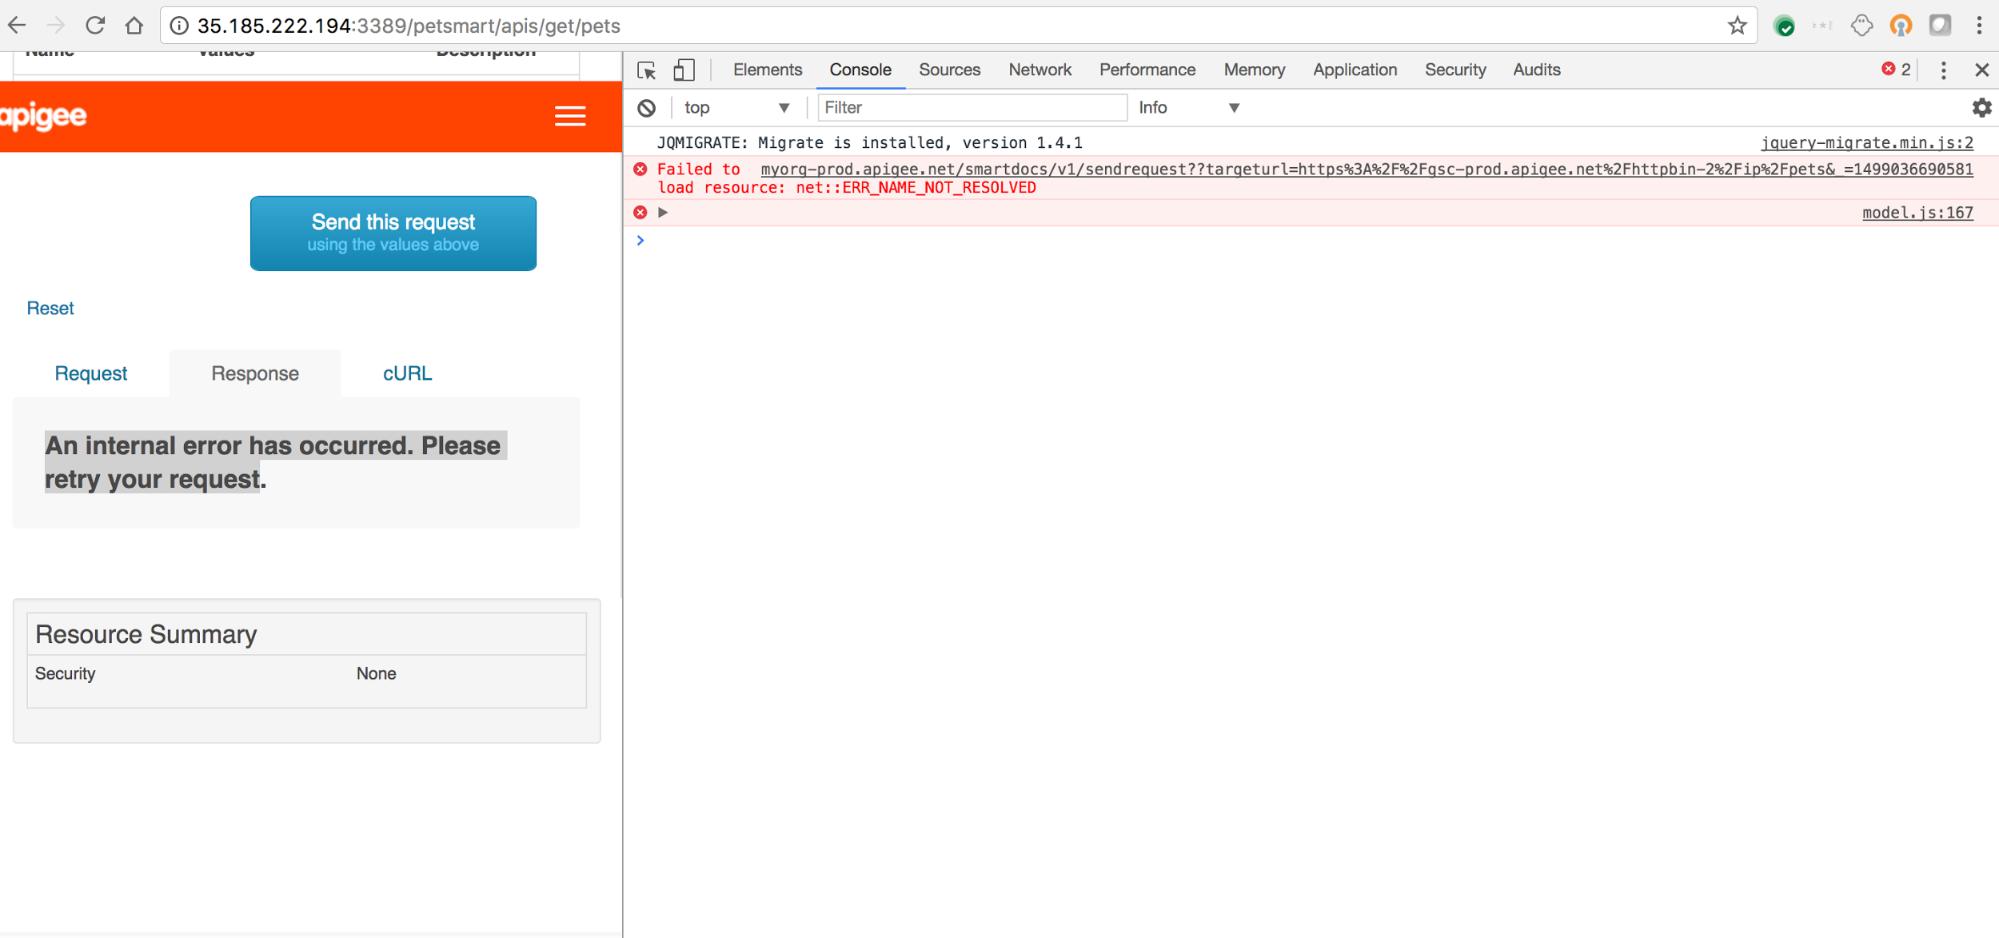 Developer Portal Internal Error | Apigee Docs